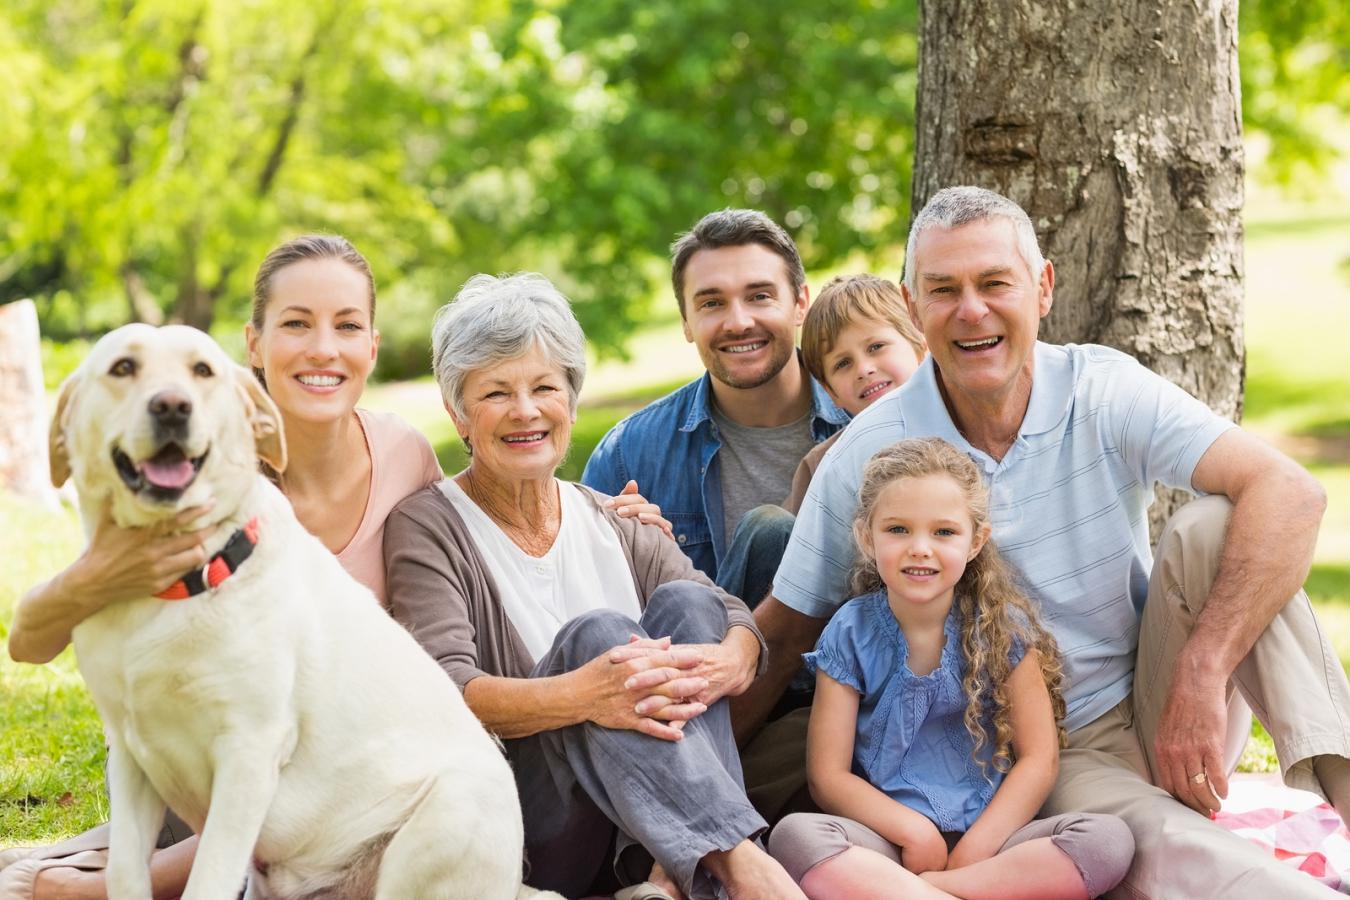 healthy family uses aloe